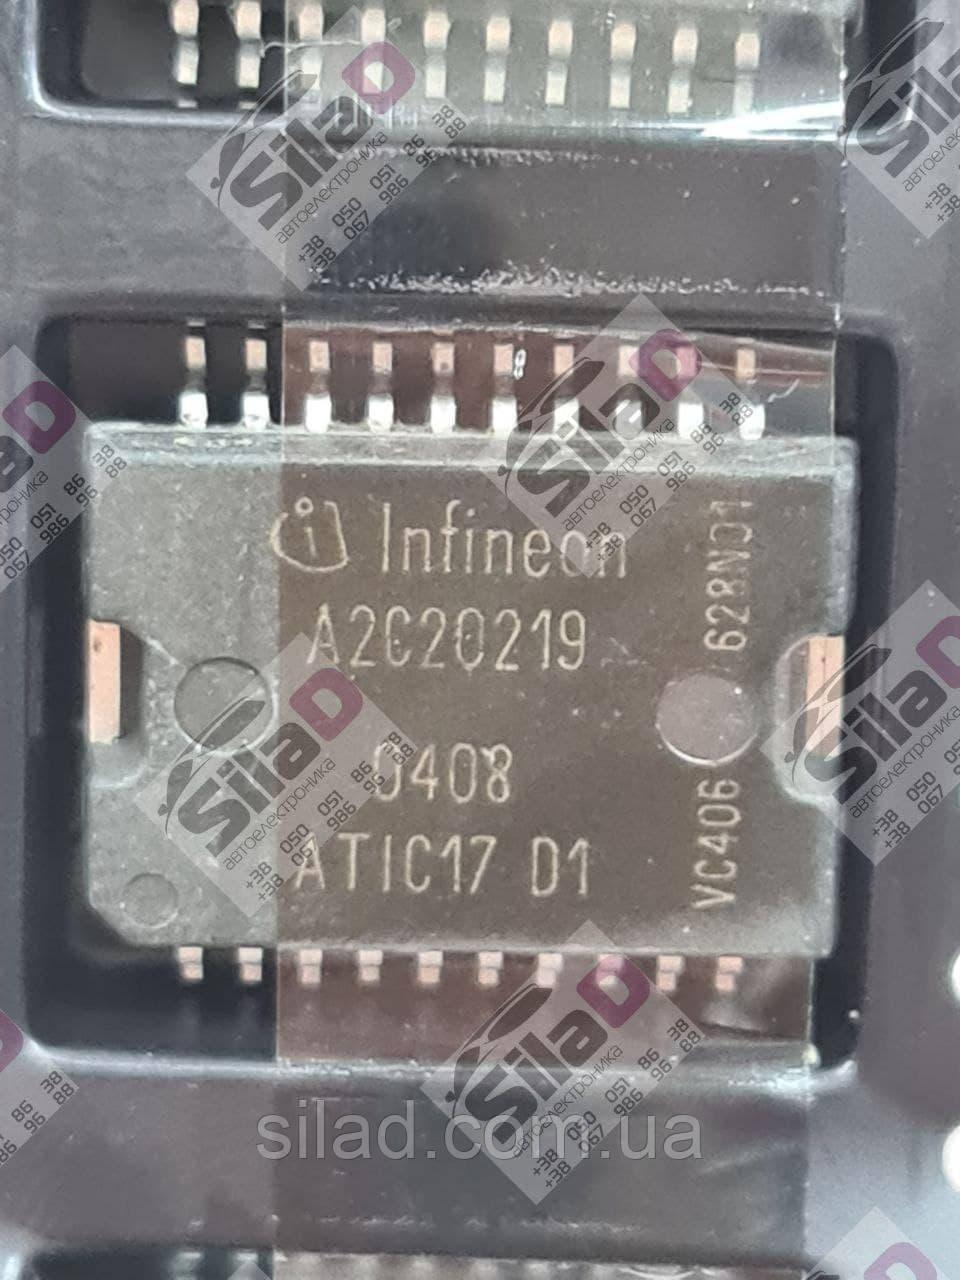 Микросхема A2C20219 ATIC17 D1 Infineon корпус HSSOP-20